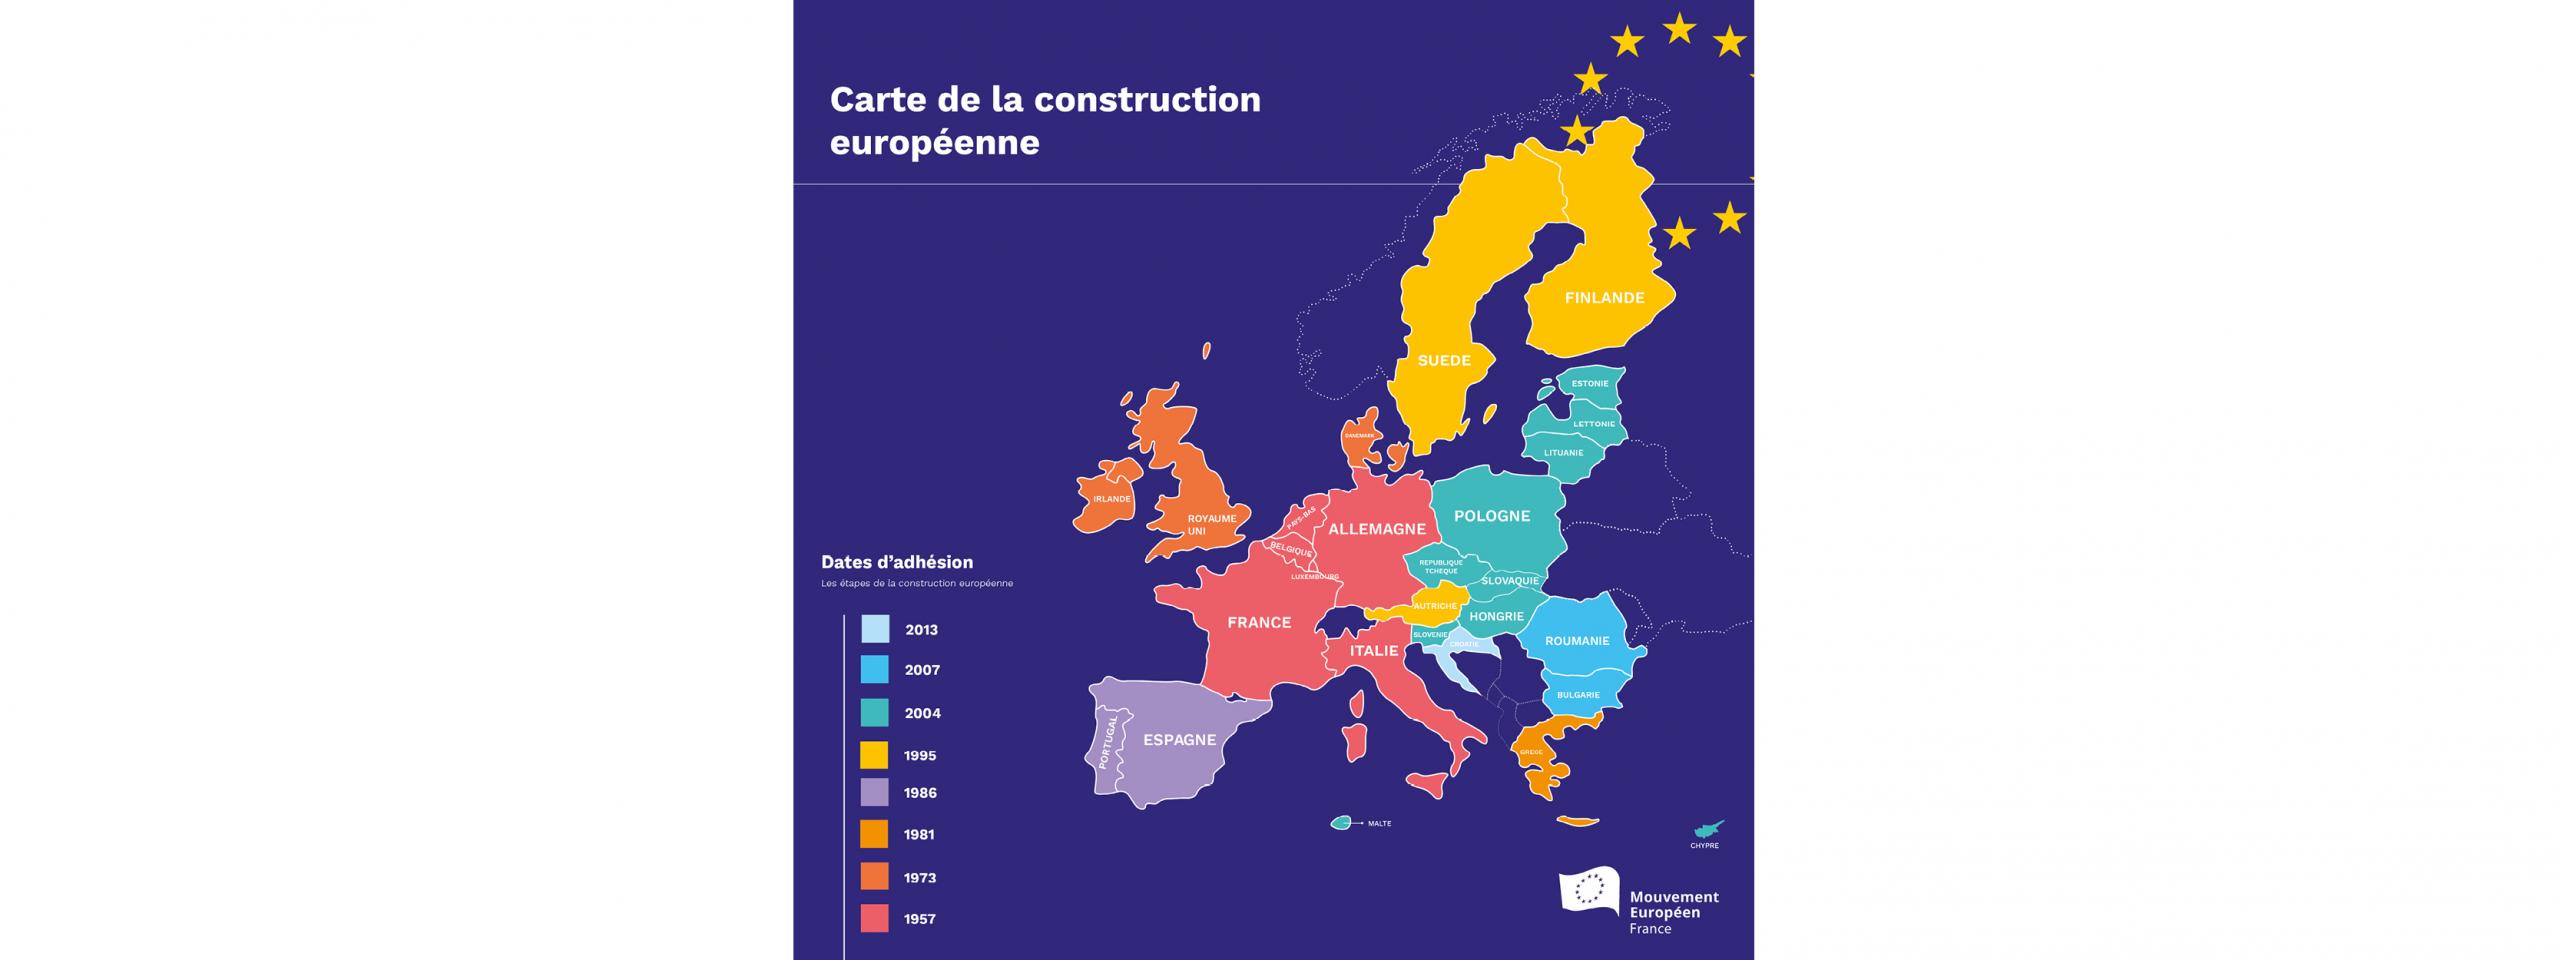 Union Européenne : La Construction Européenne En Carte encequiconcerne Carte De L Union Europeenne